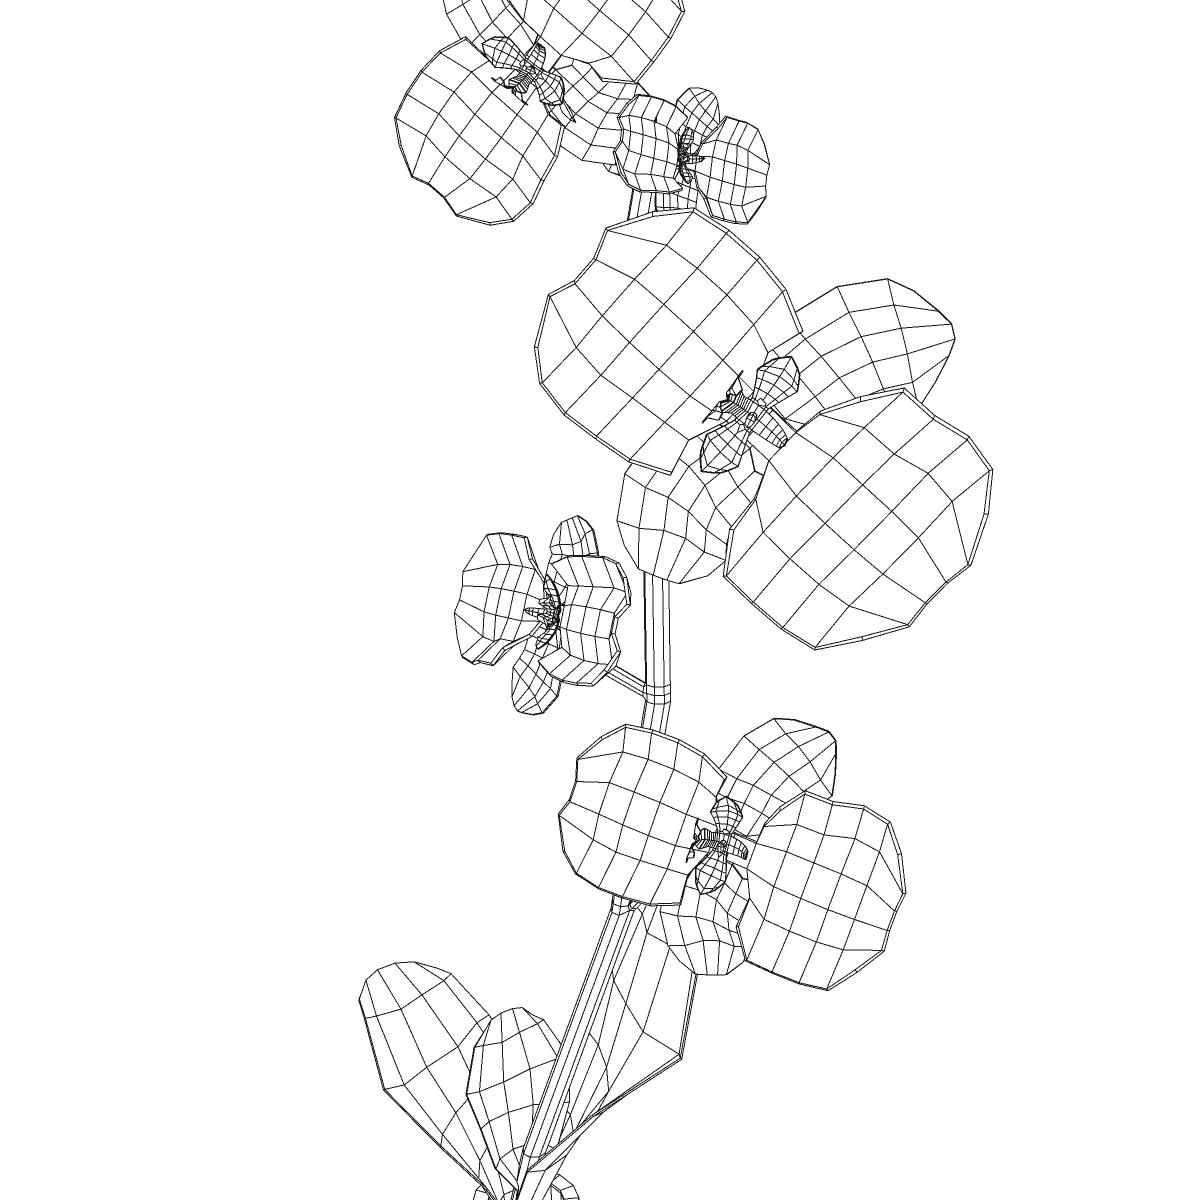 cvijetna baza 3d model 3ds max fbx ma mb obj 158107